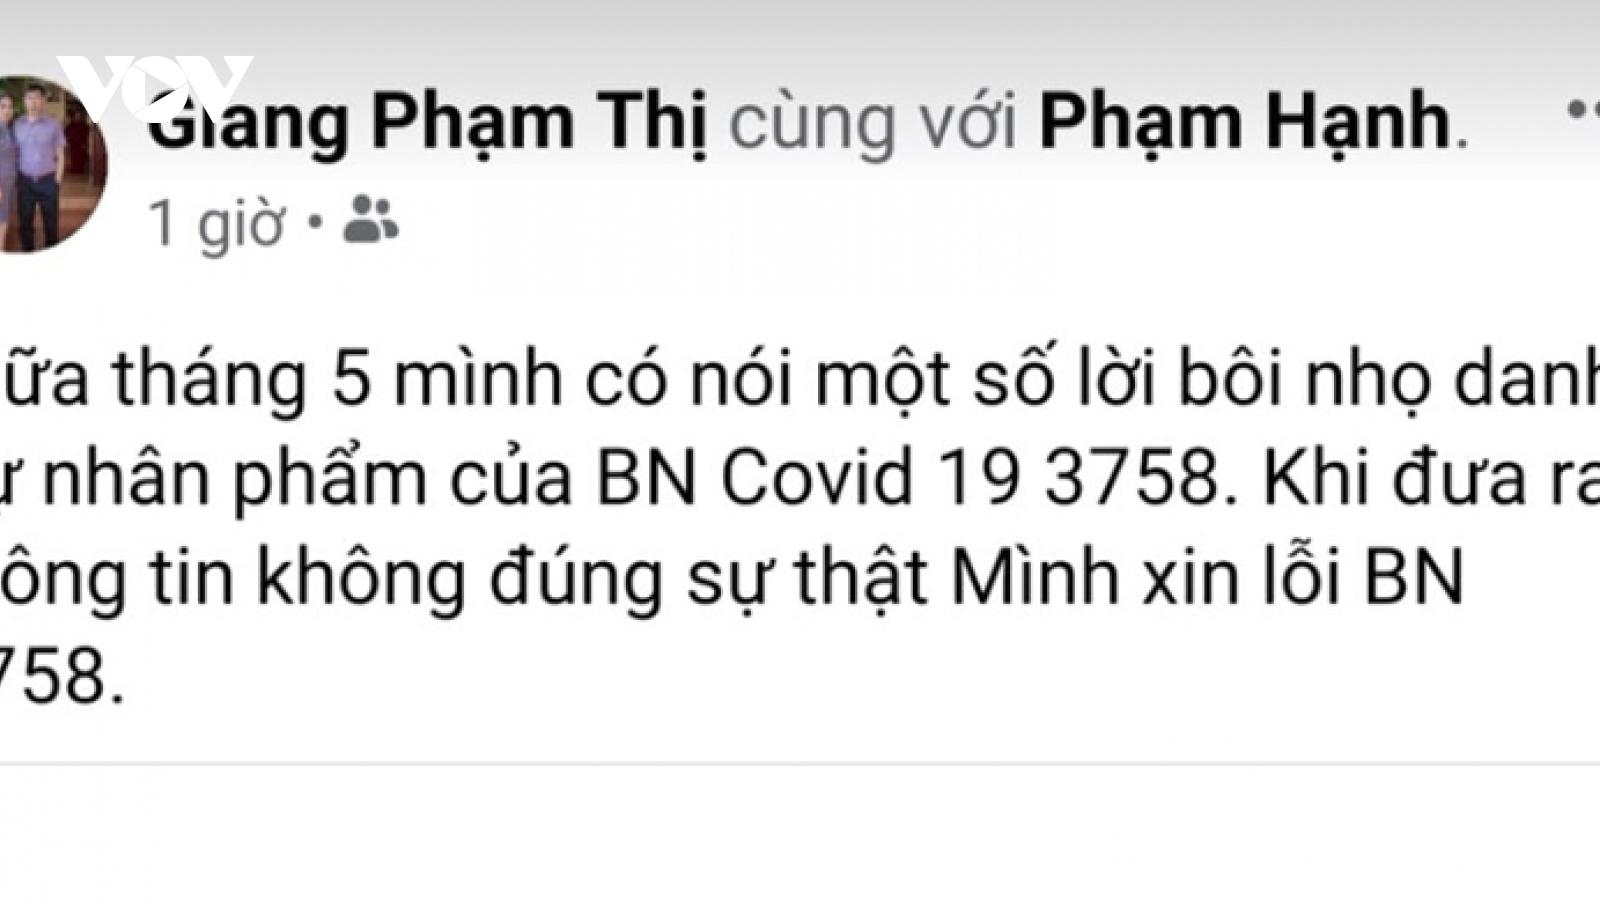 Phải xin lỗi công khai vì xúc phạm danh dự bệnh nhân Covid-19 trên mạng xã hội